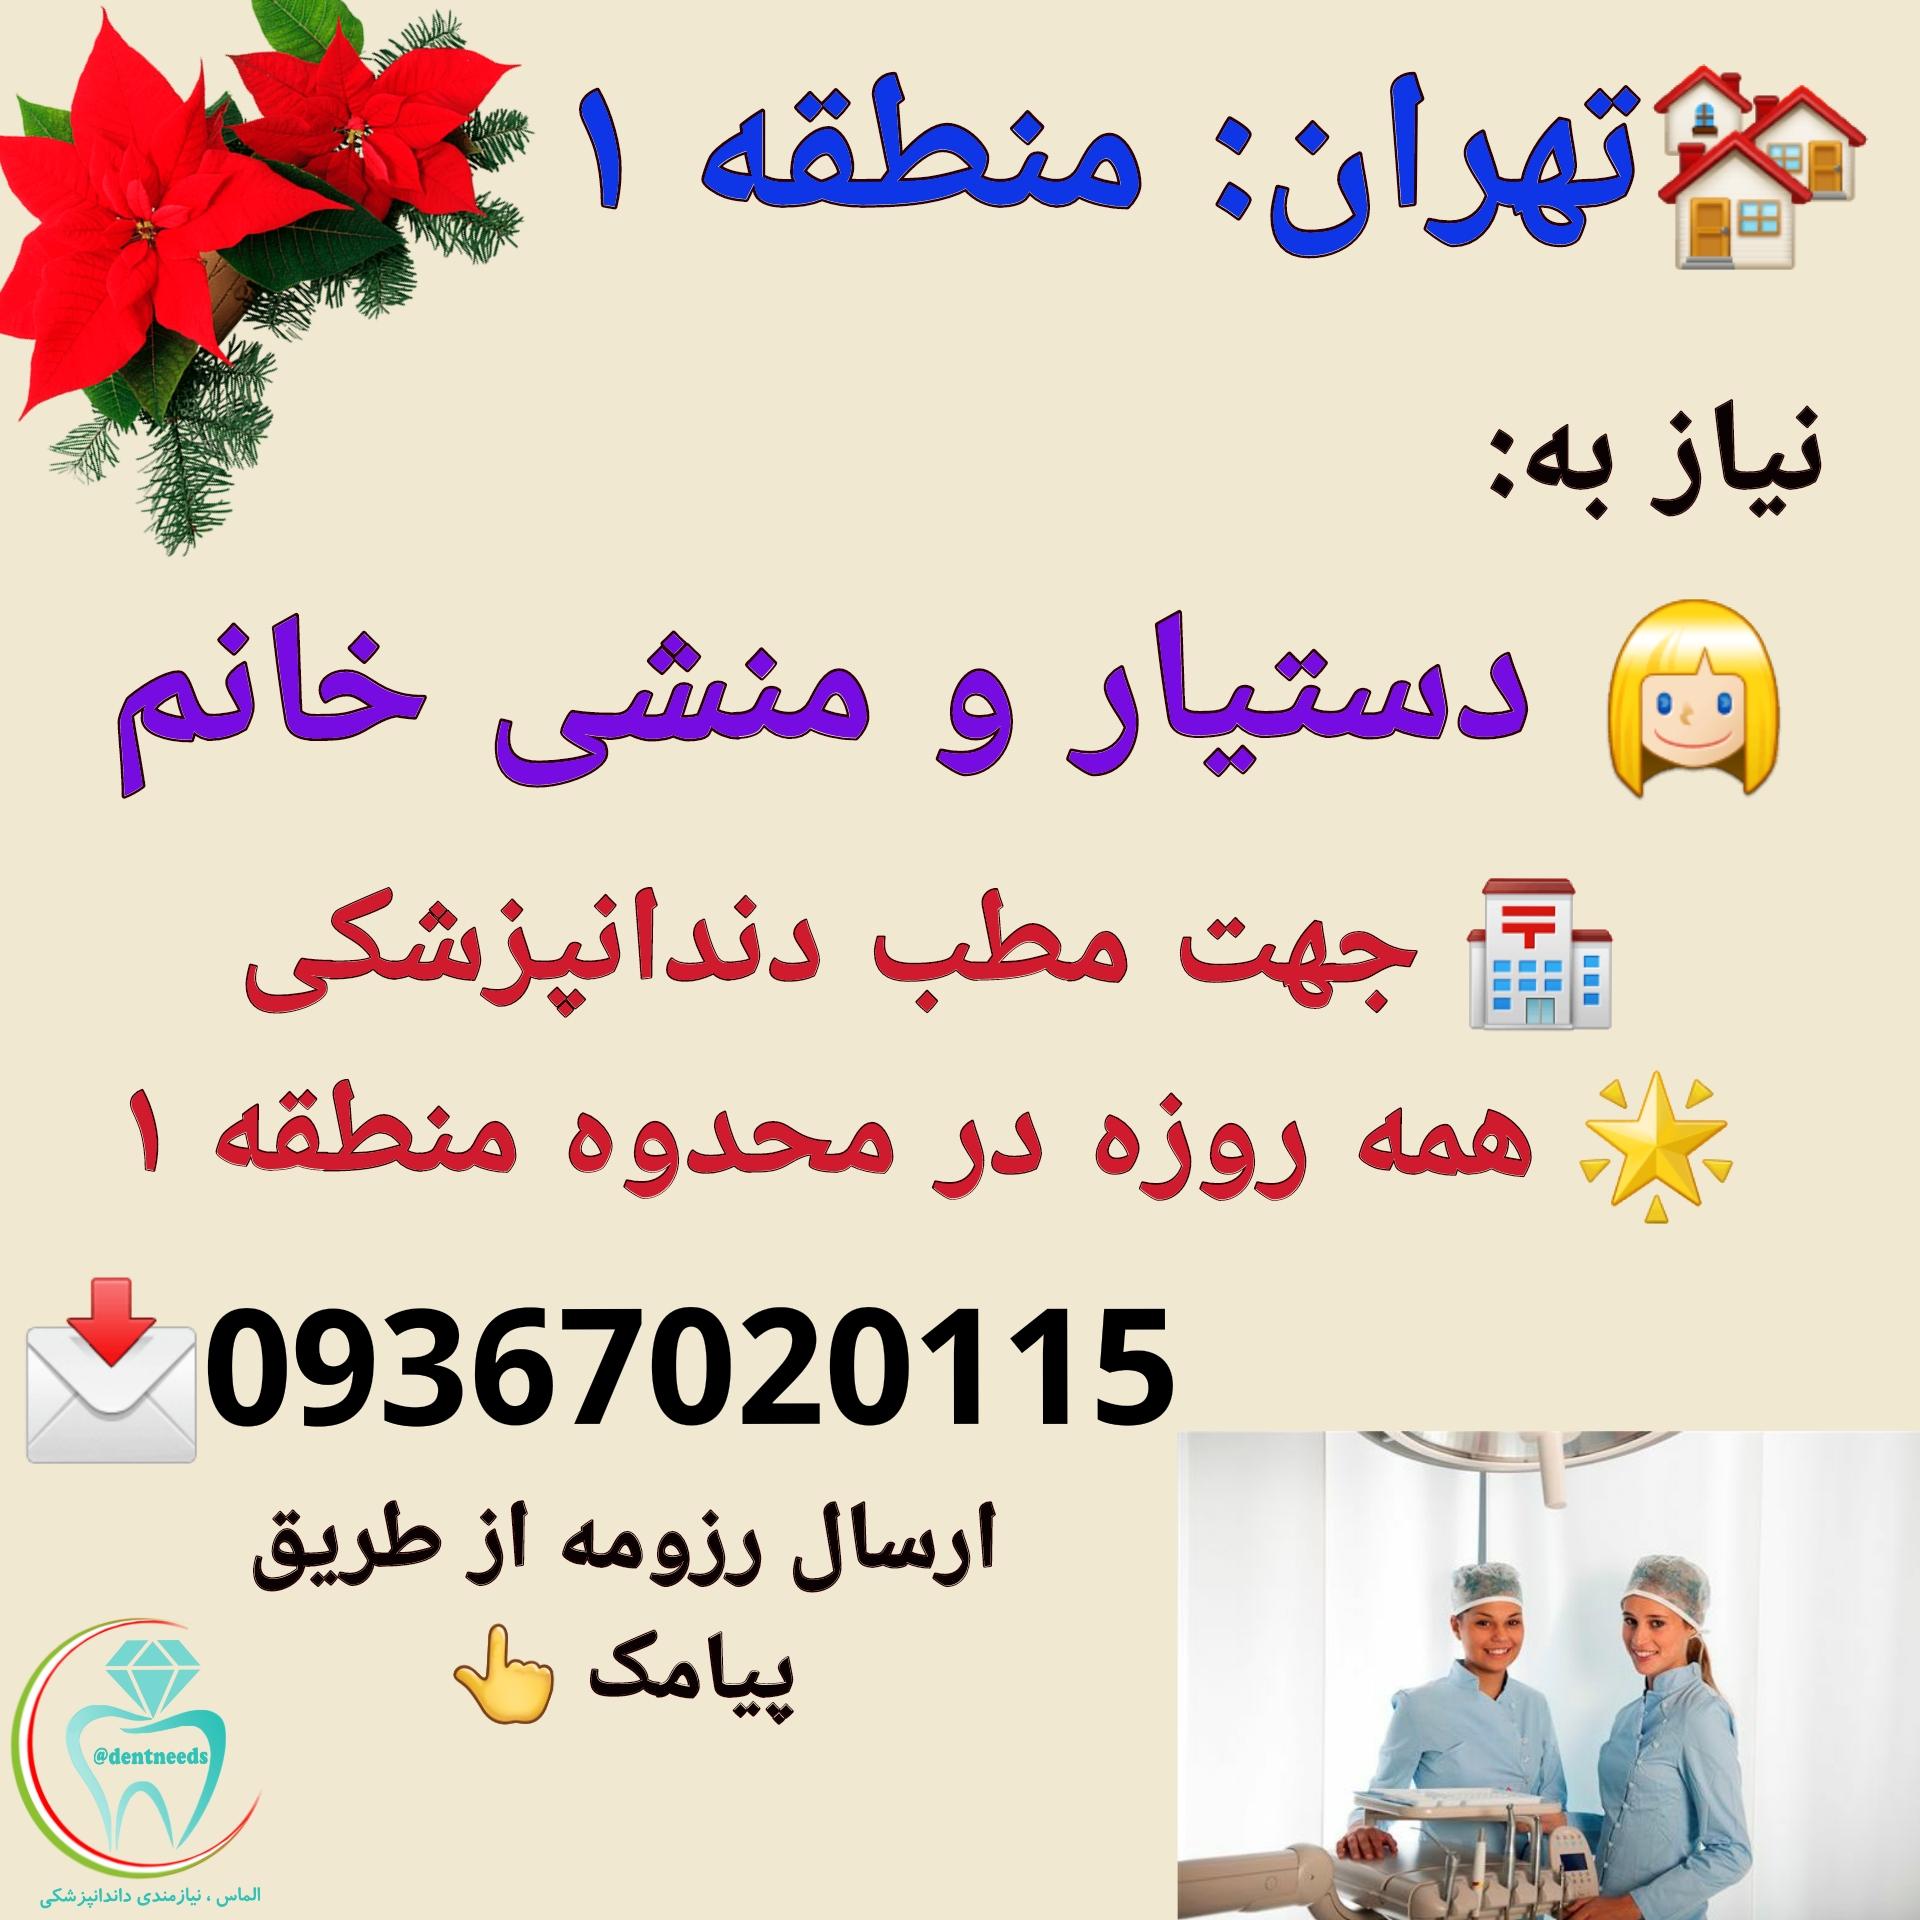 تهران: منطقه ۱، نیاز به دستیار و منشی دندانپزشکی خانم